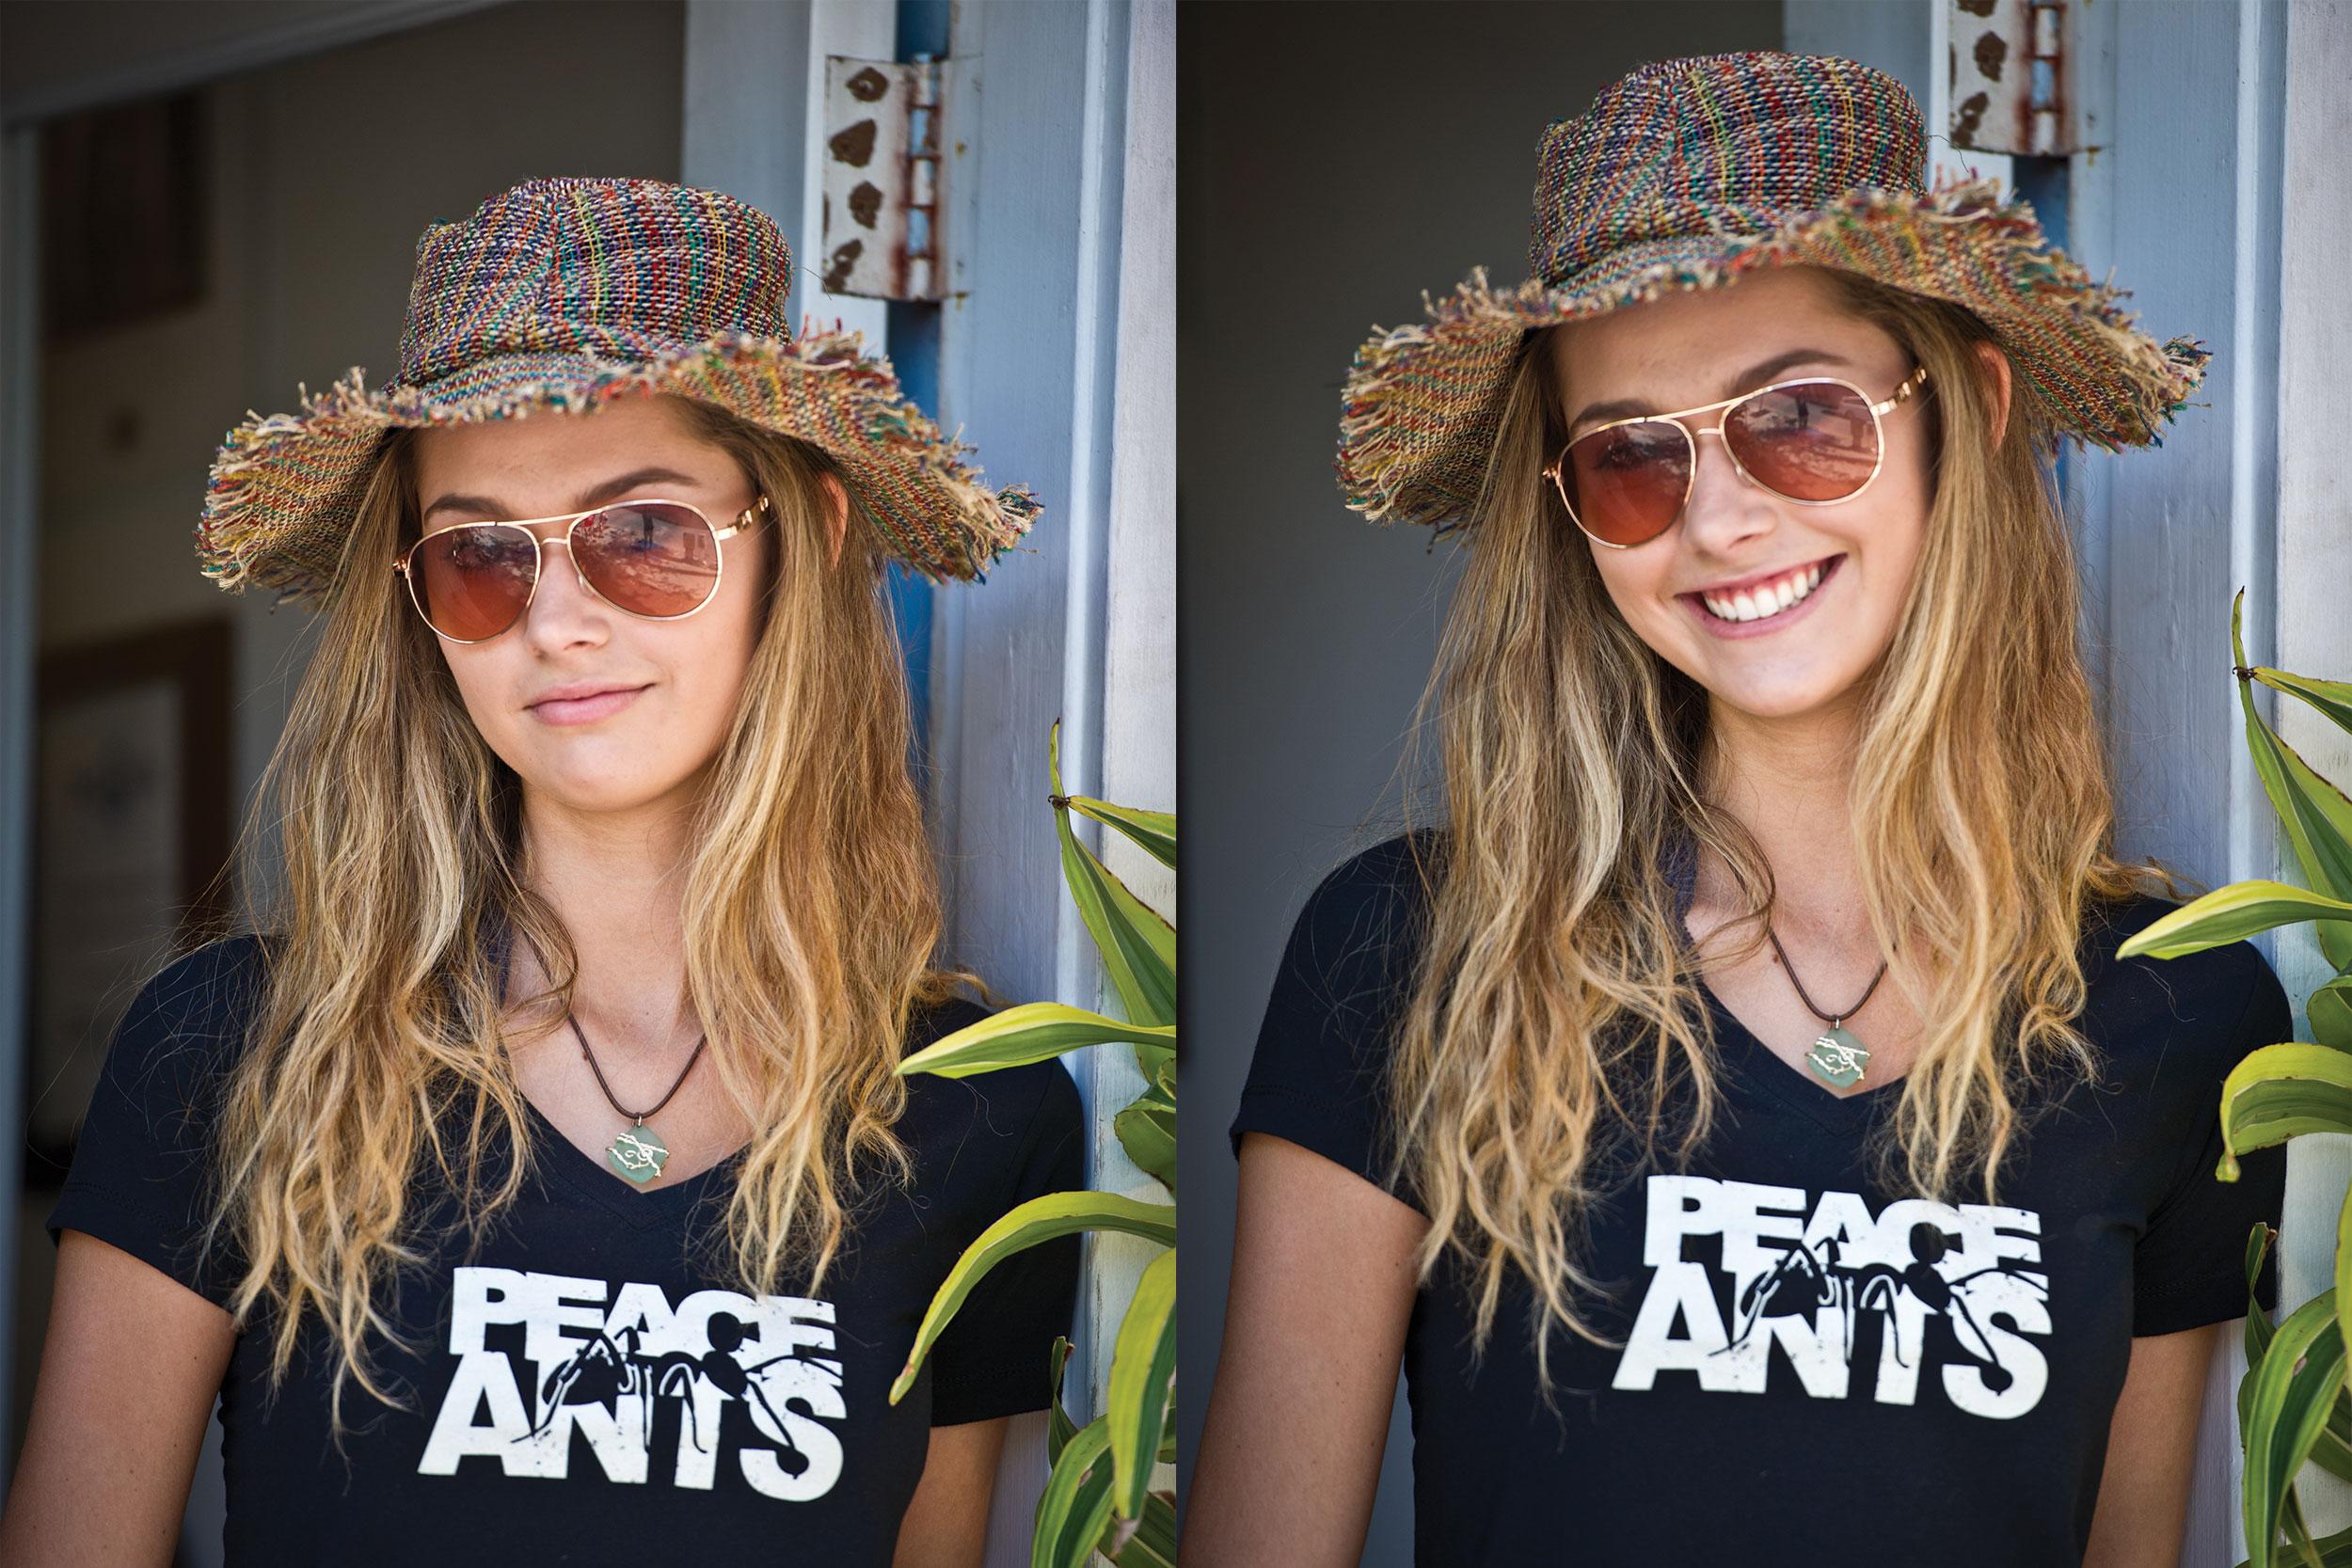 Taylor_Peaceants.jpg